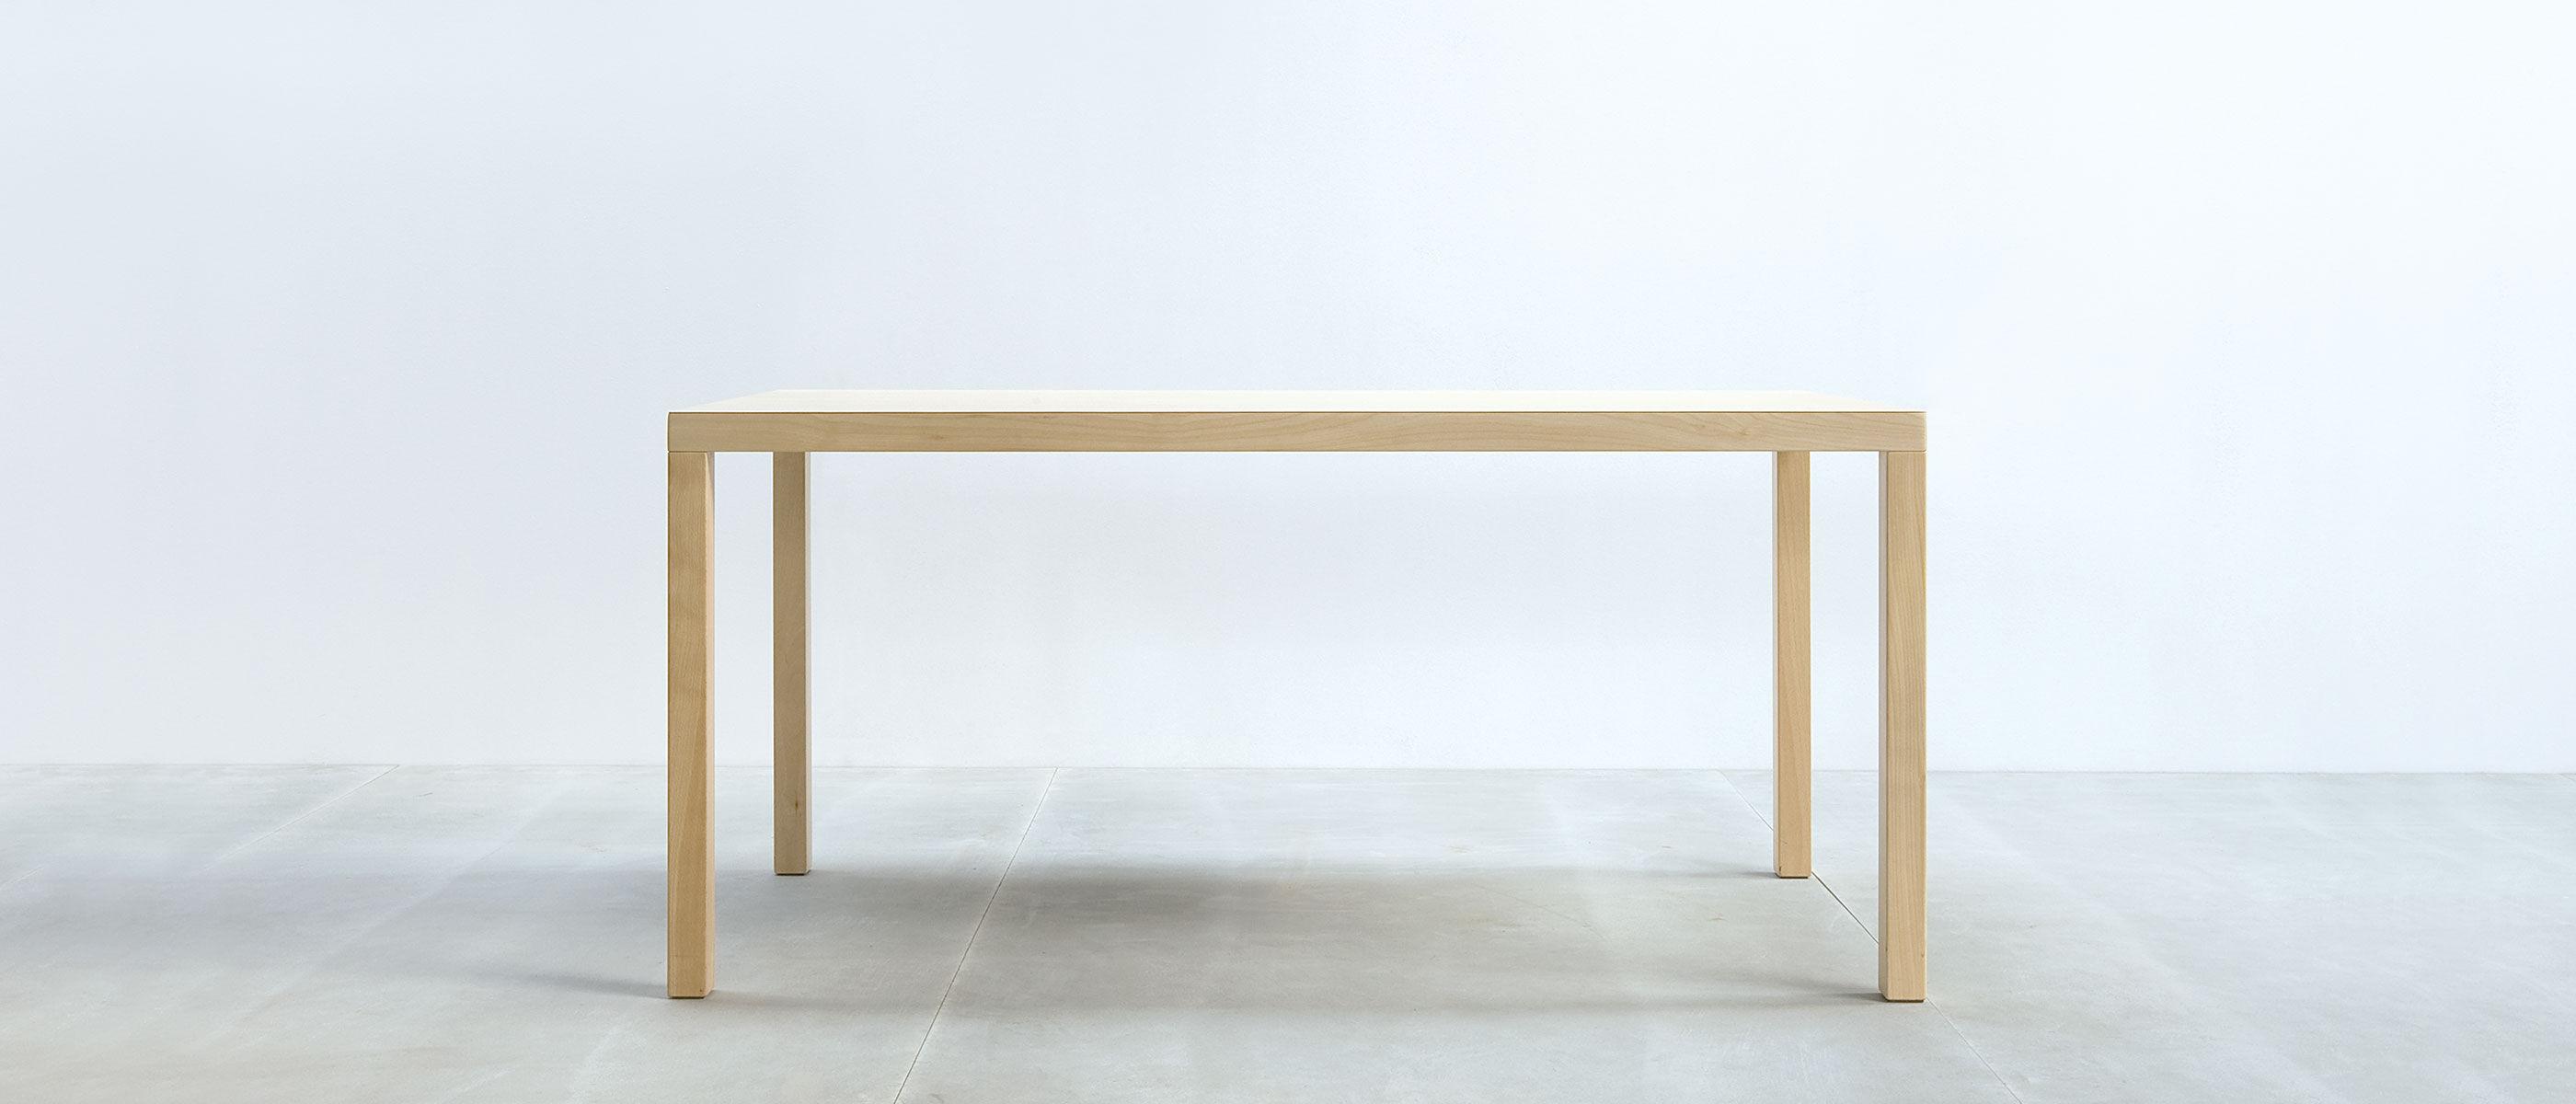 Amazing Moderner Tisch Holz Quadratisch Rechteckig With Tisch Quadratisch